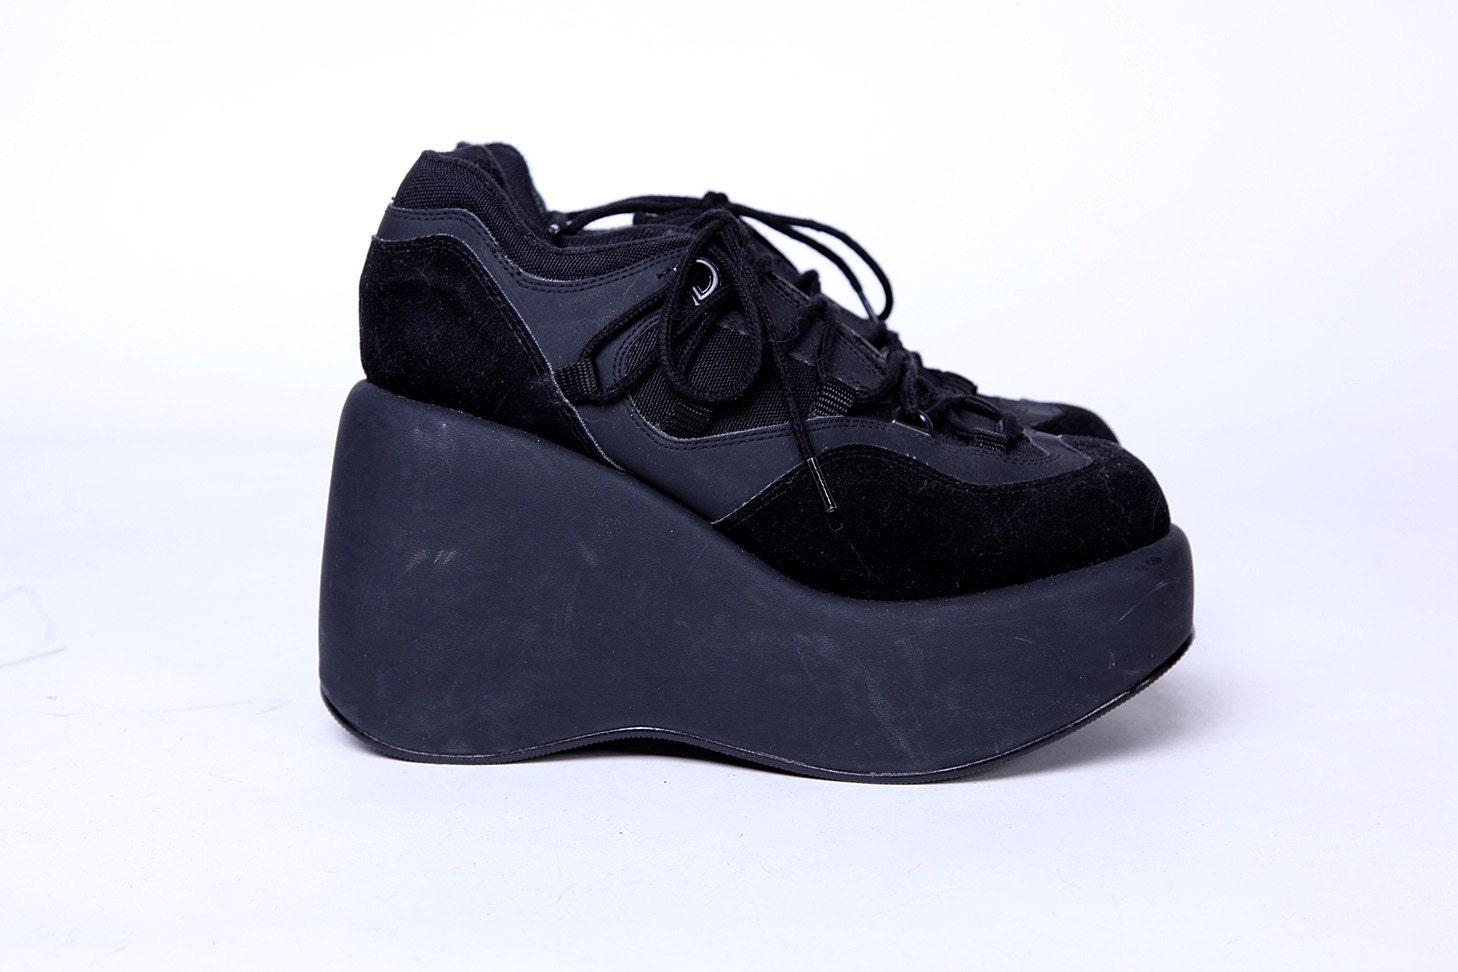 90s deadstock black platform sneakers 7 5 by tarantulasisters